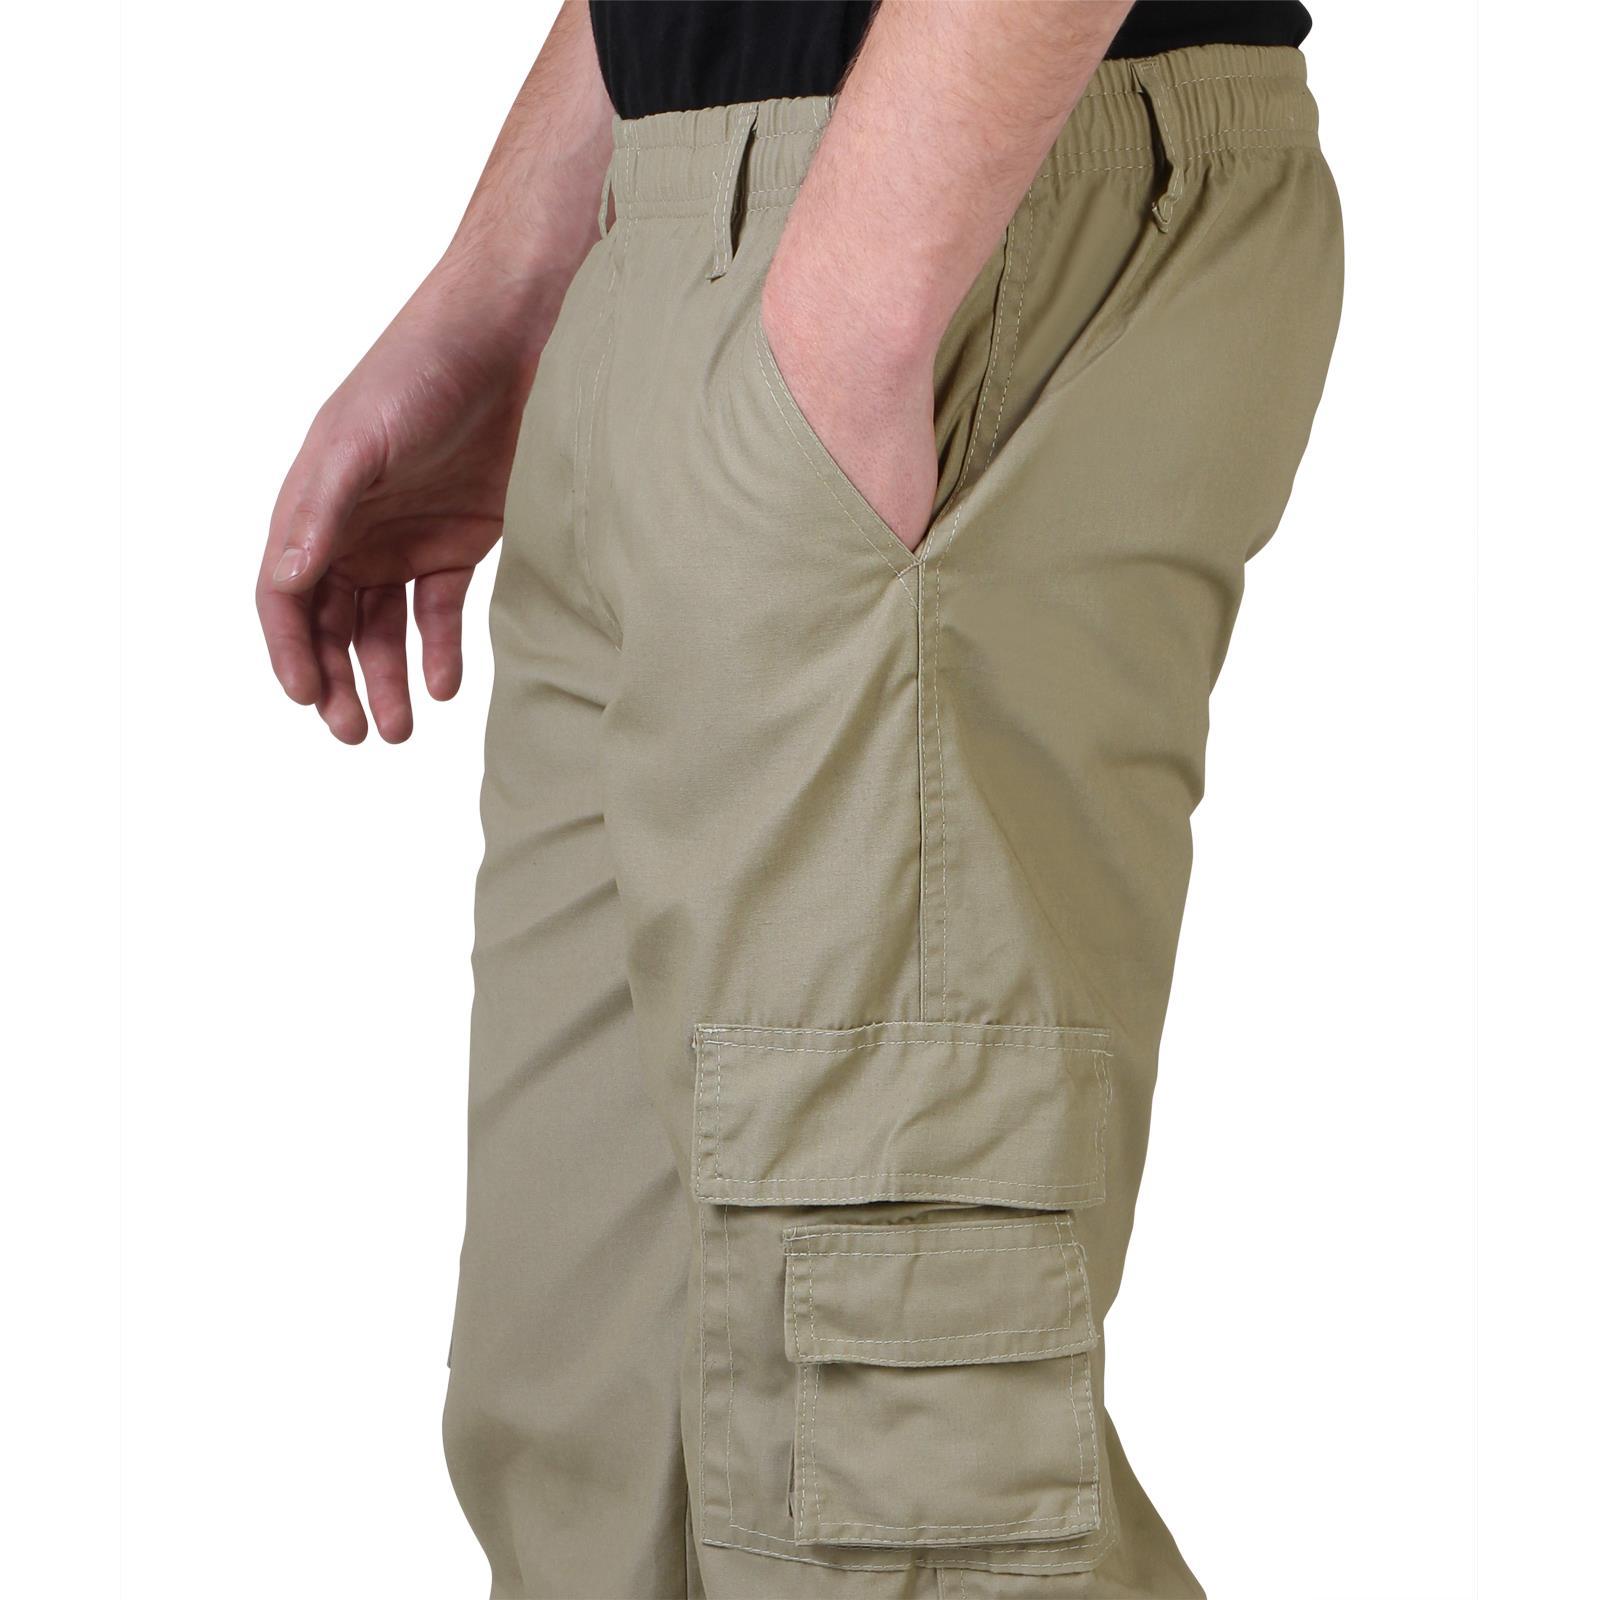 Uomo-Militare-Cargo-Pantaloni-Cotone-Lavoro-Chino-Casual-Kaki miniatura 30